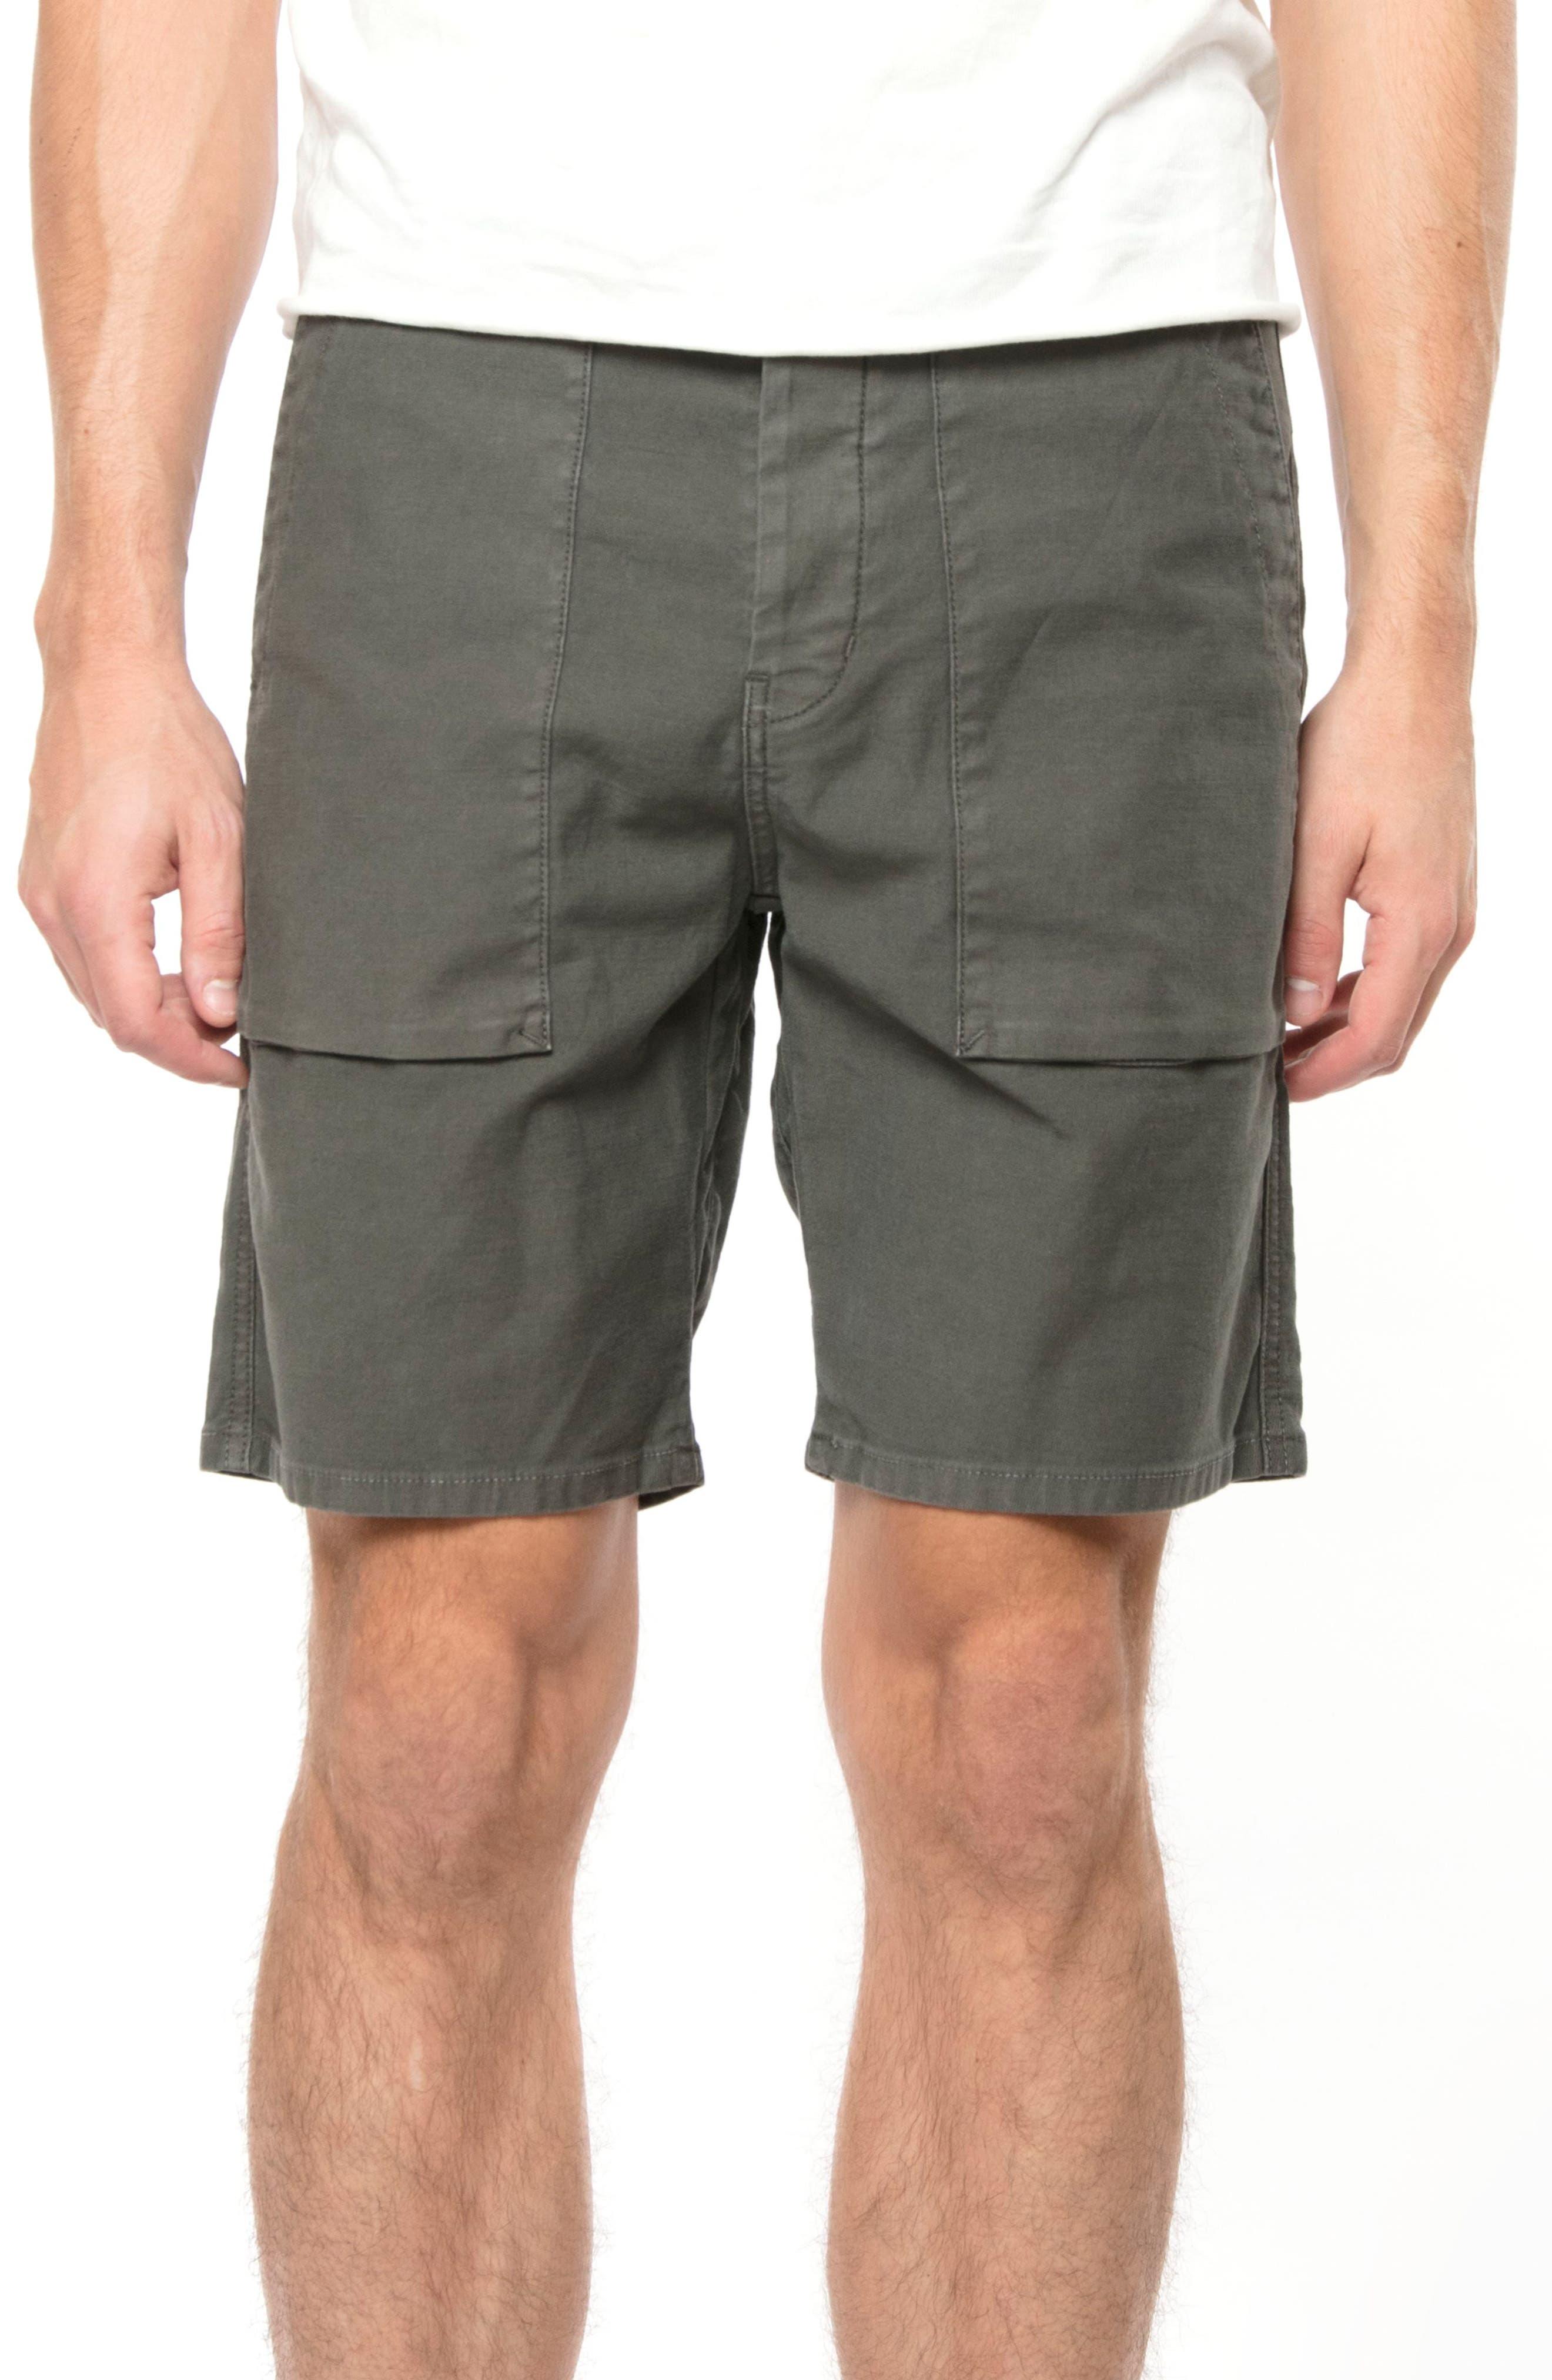 Kontact Shorts,                         Main,                         color, 308